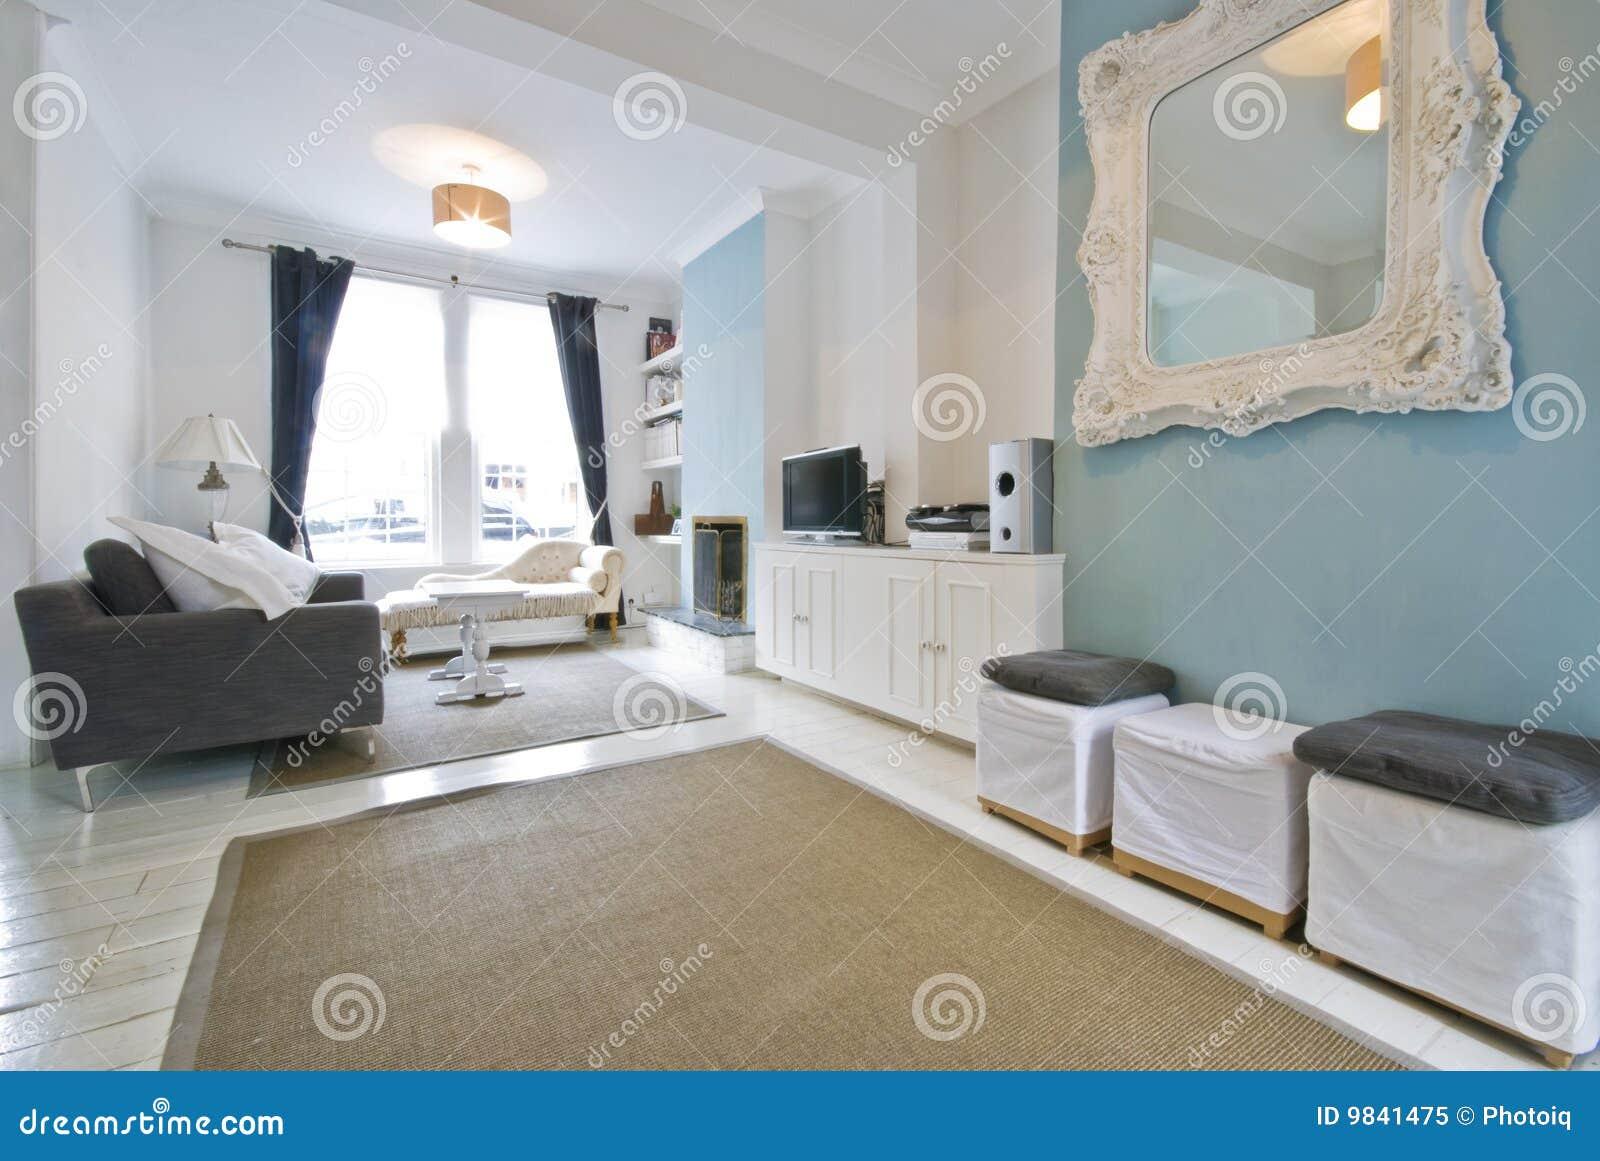 Koraalkleur De Woonkamer : De woonkamer van de ontwerper stock afbeelding afbeelding